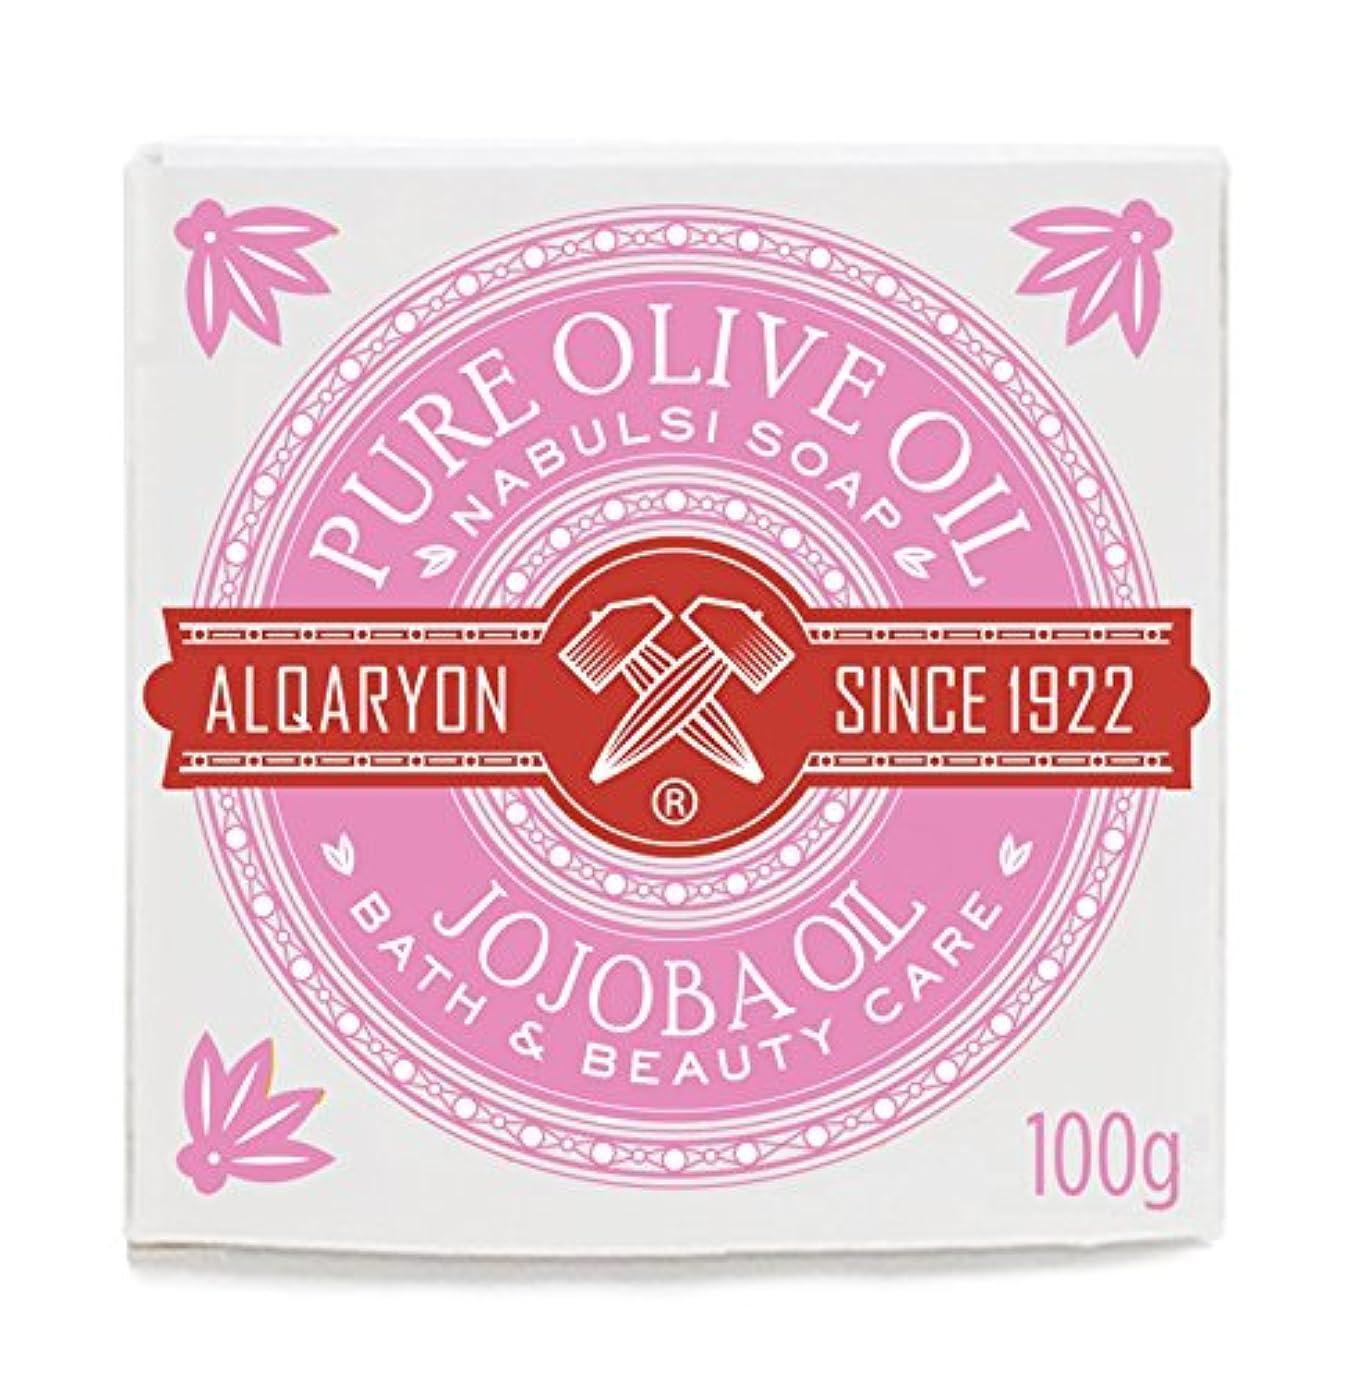 摘む印刷する豊かにするAlqaryon Jojoba Oil & Olive Oil Bar Soaps, Pack of 4 Bars 100g - Alqaryonのホホバ オイルとオリーブオイル ソープ、バス & ビューティー ケア、100g...